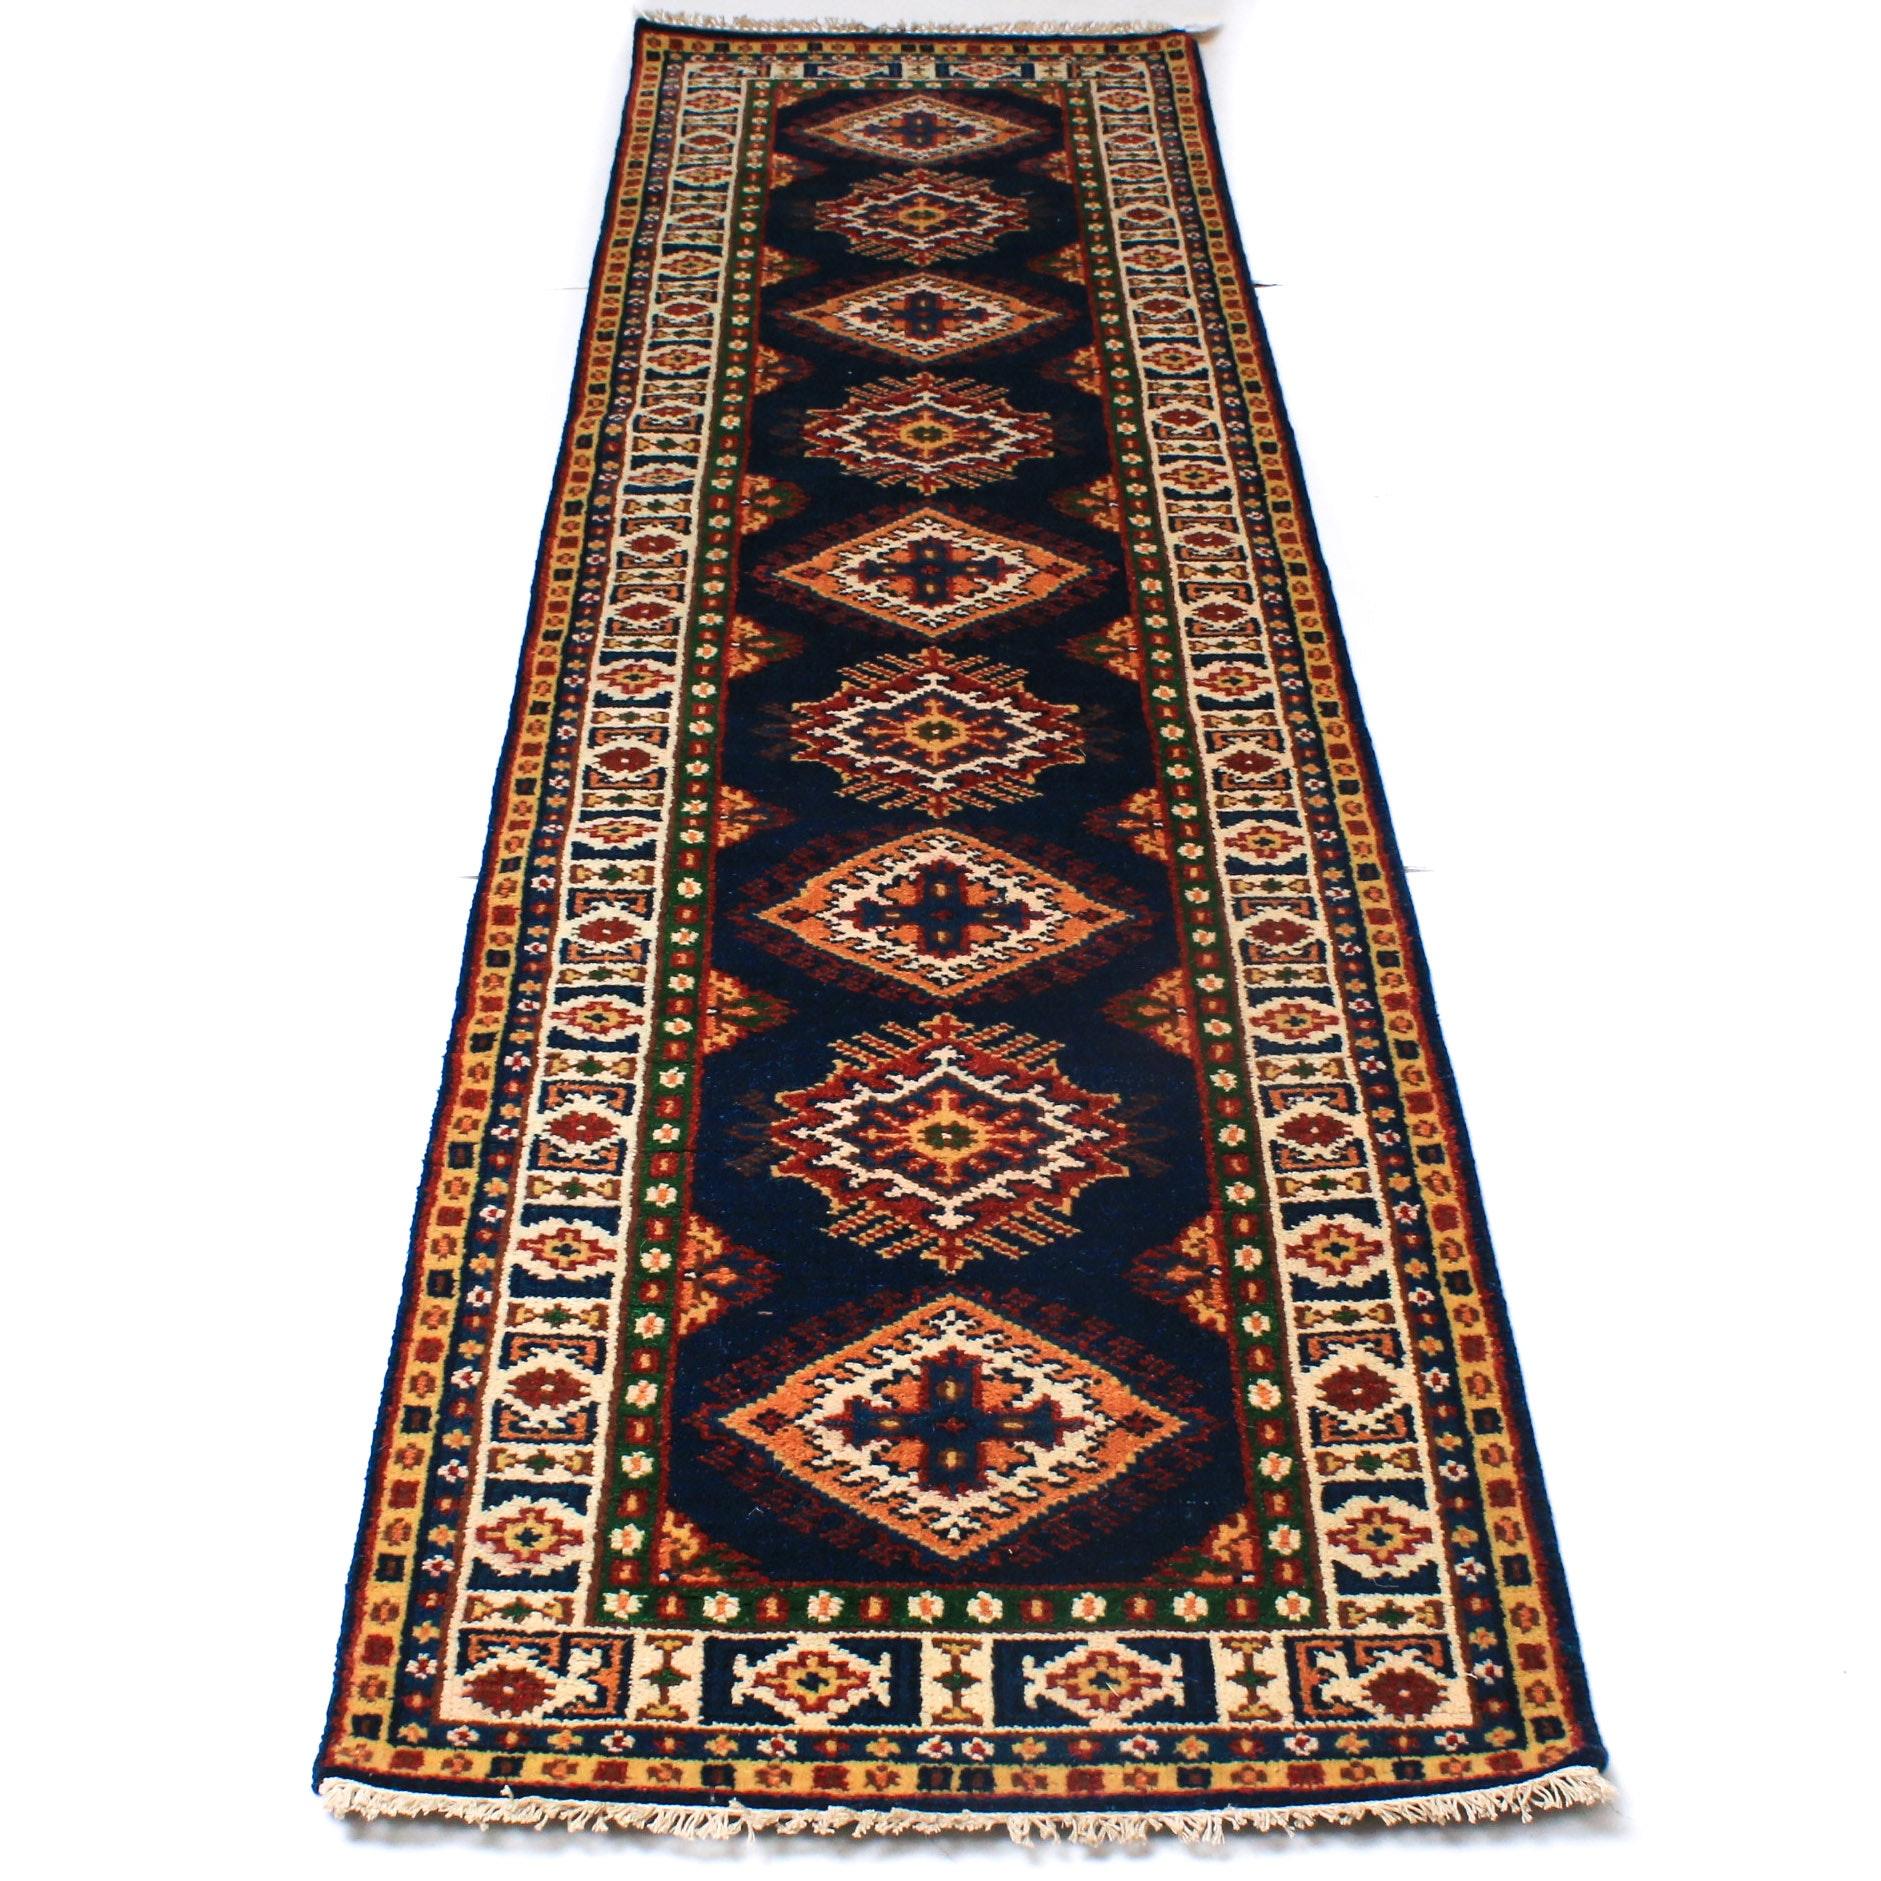 Hand-Knotted Caucasian Bakhshayesh Heriz Carpet Runner